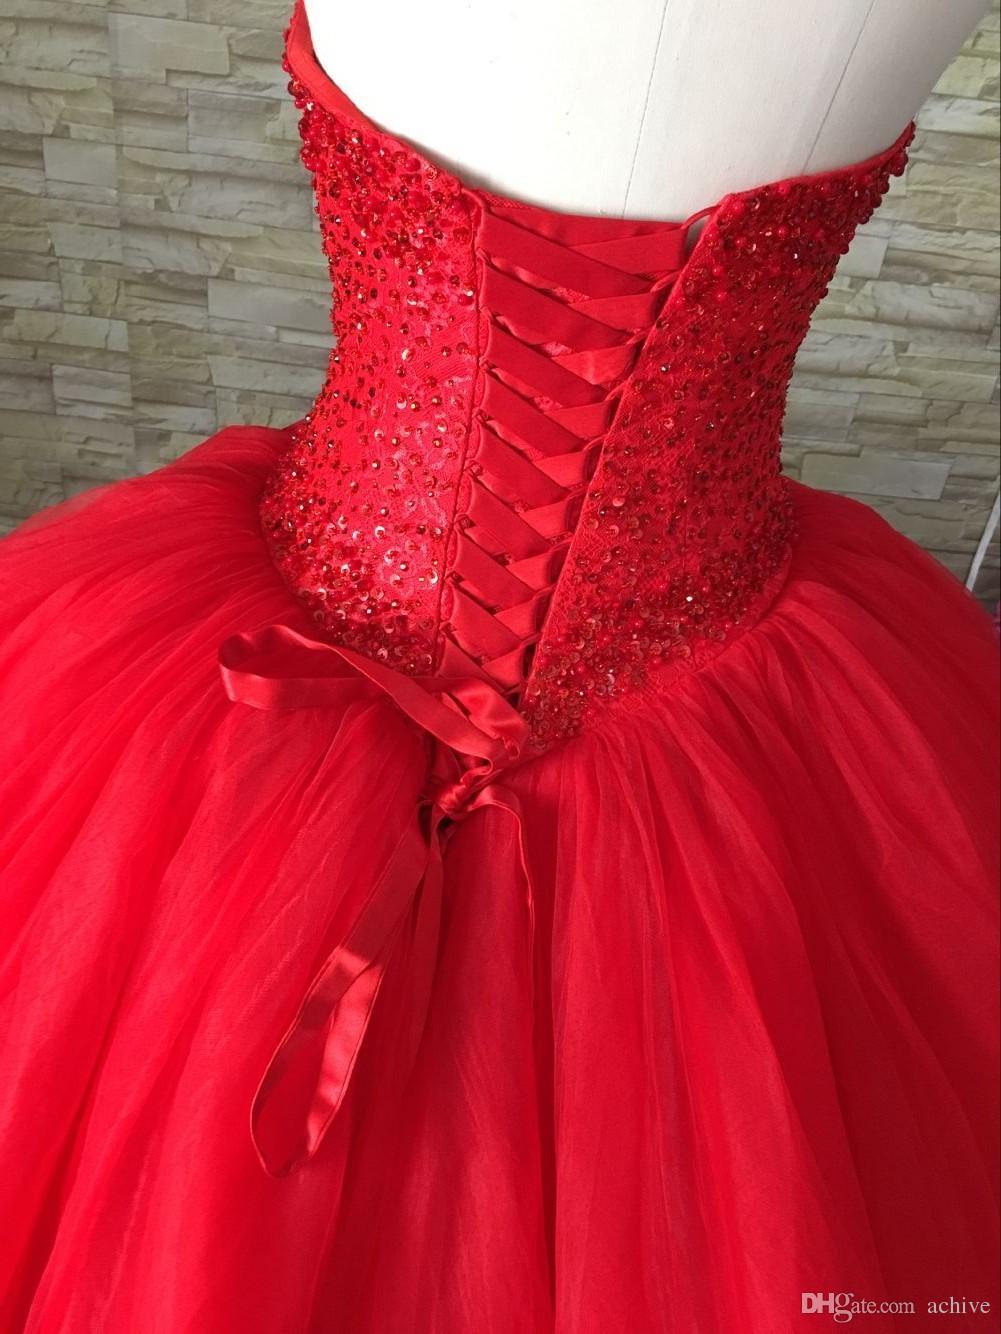 Gelin Ağır Boncuklu Pullarda Kırmızı Gelinlik Balo 2020 Sweetheart Korse Örgün Gelinlikler Çin Yüksek Kalite Gelin Elbise